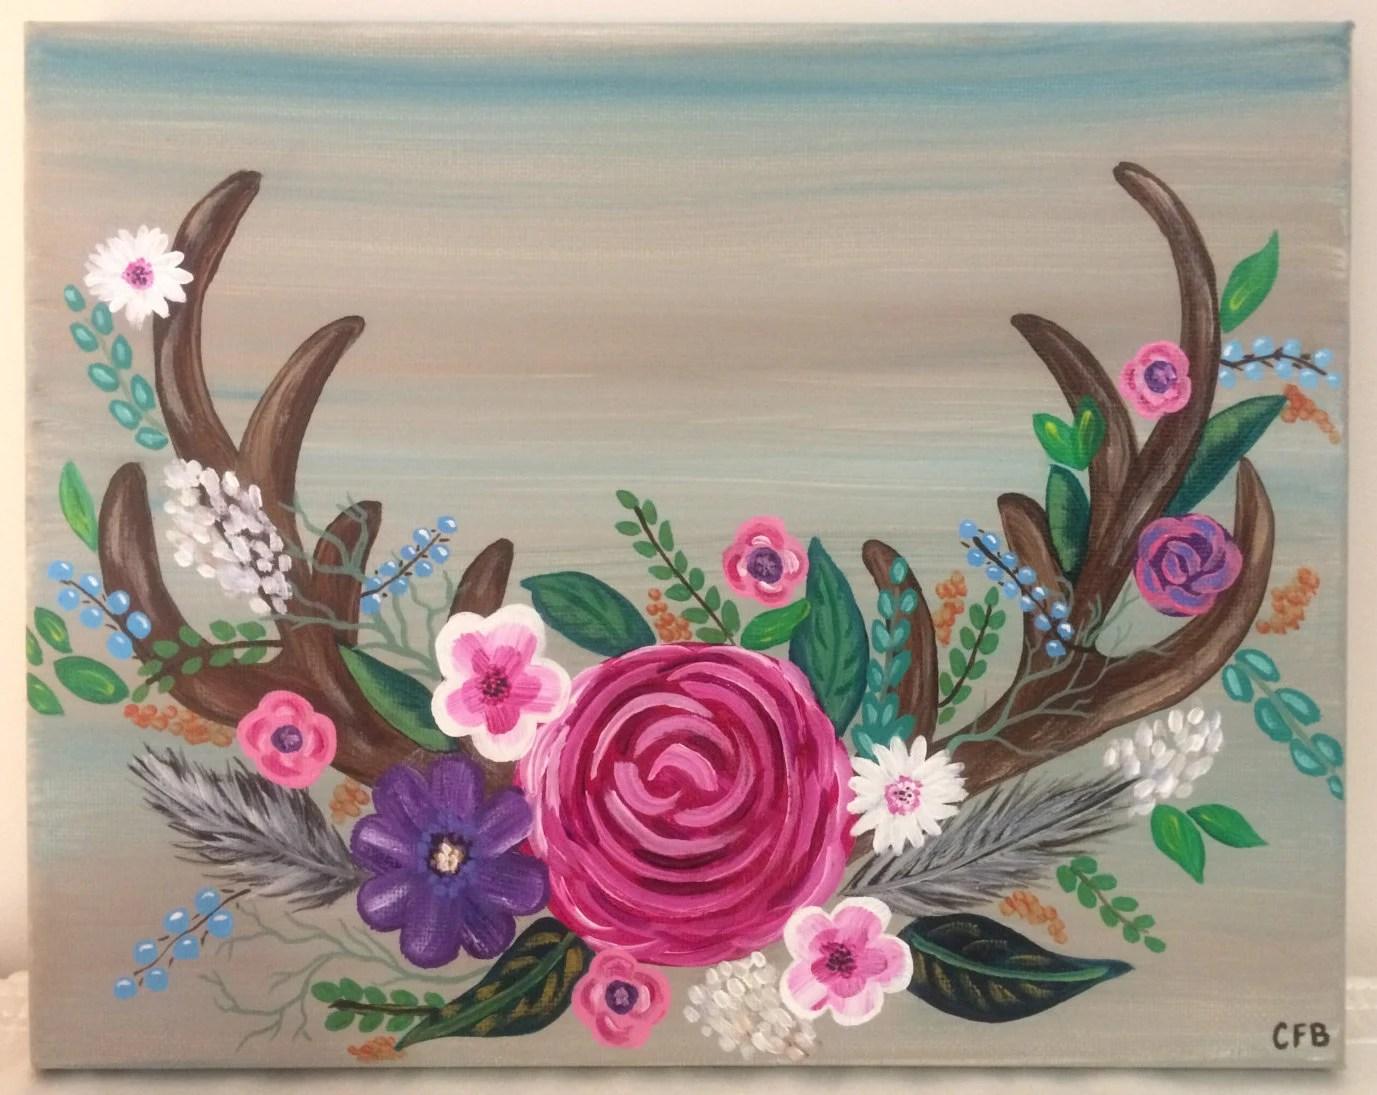 Cute Wallpaper Floral Rustic Antler Flower Wreath Painting 8x10 Canvas Deer Art